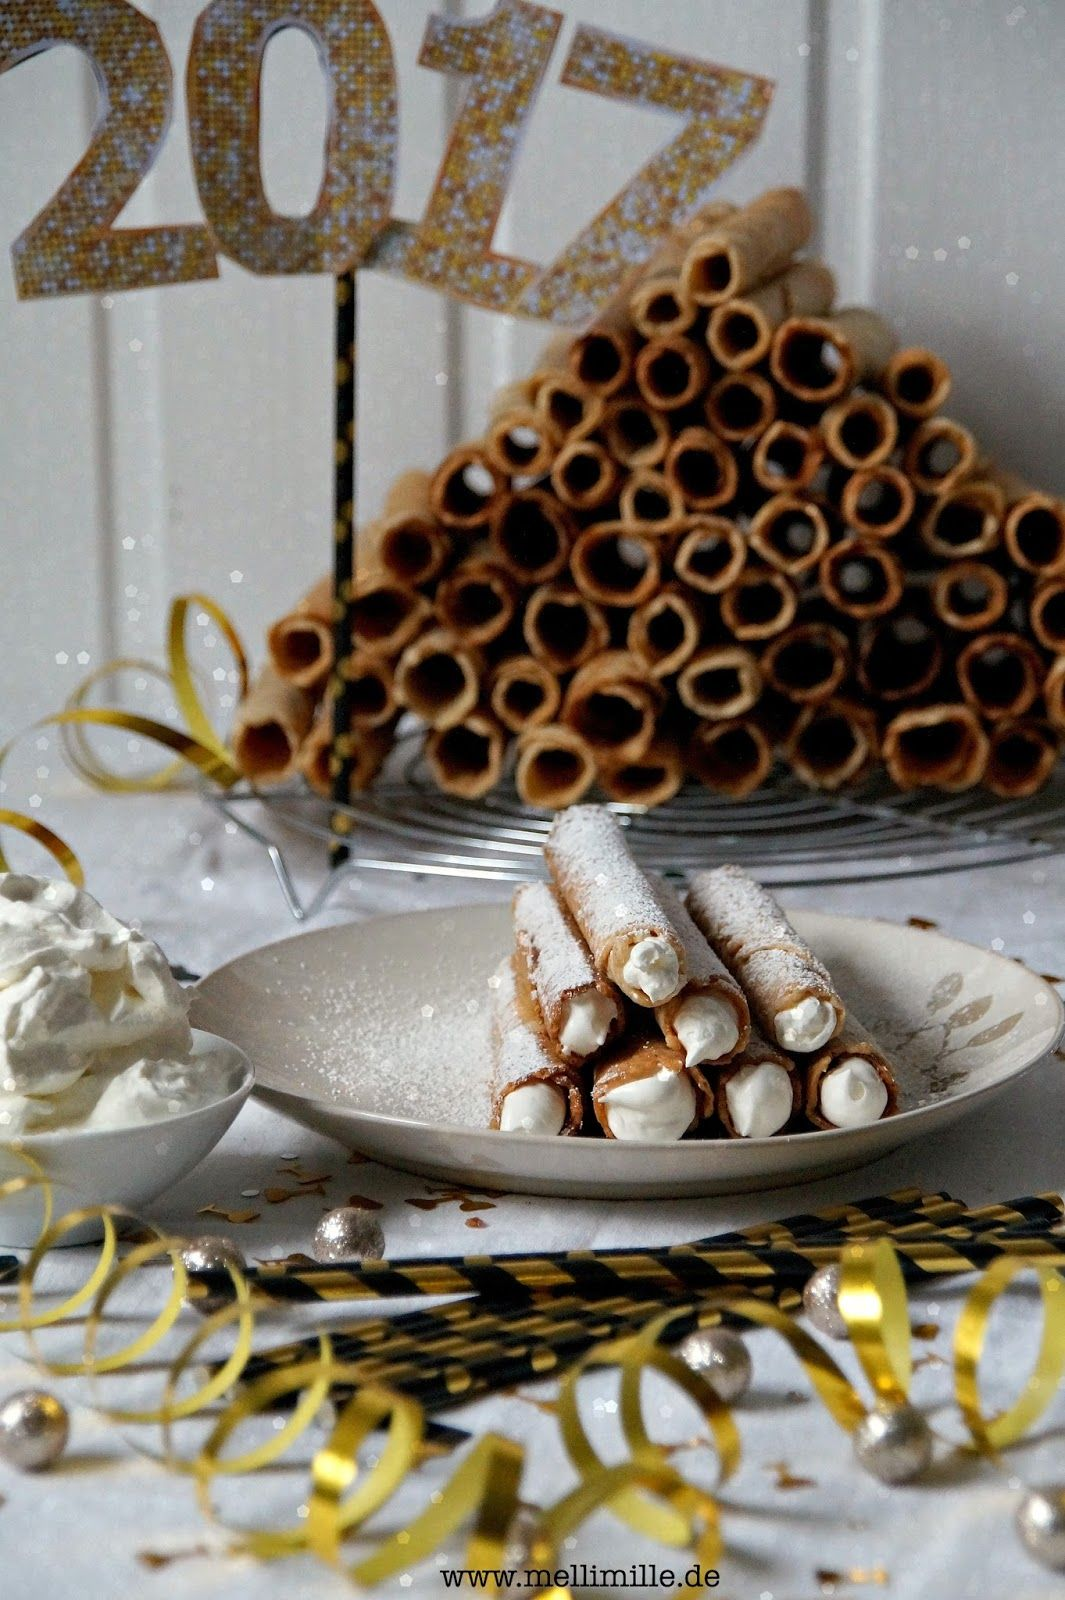 Neujahrsröllchen / Neujahrswaffeln / Krüllkuchen / Rullerkes oder Knappkauken zum neuen Jahr.